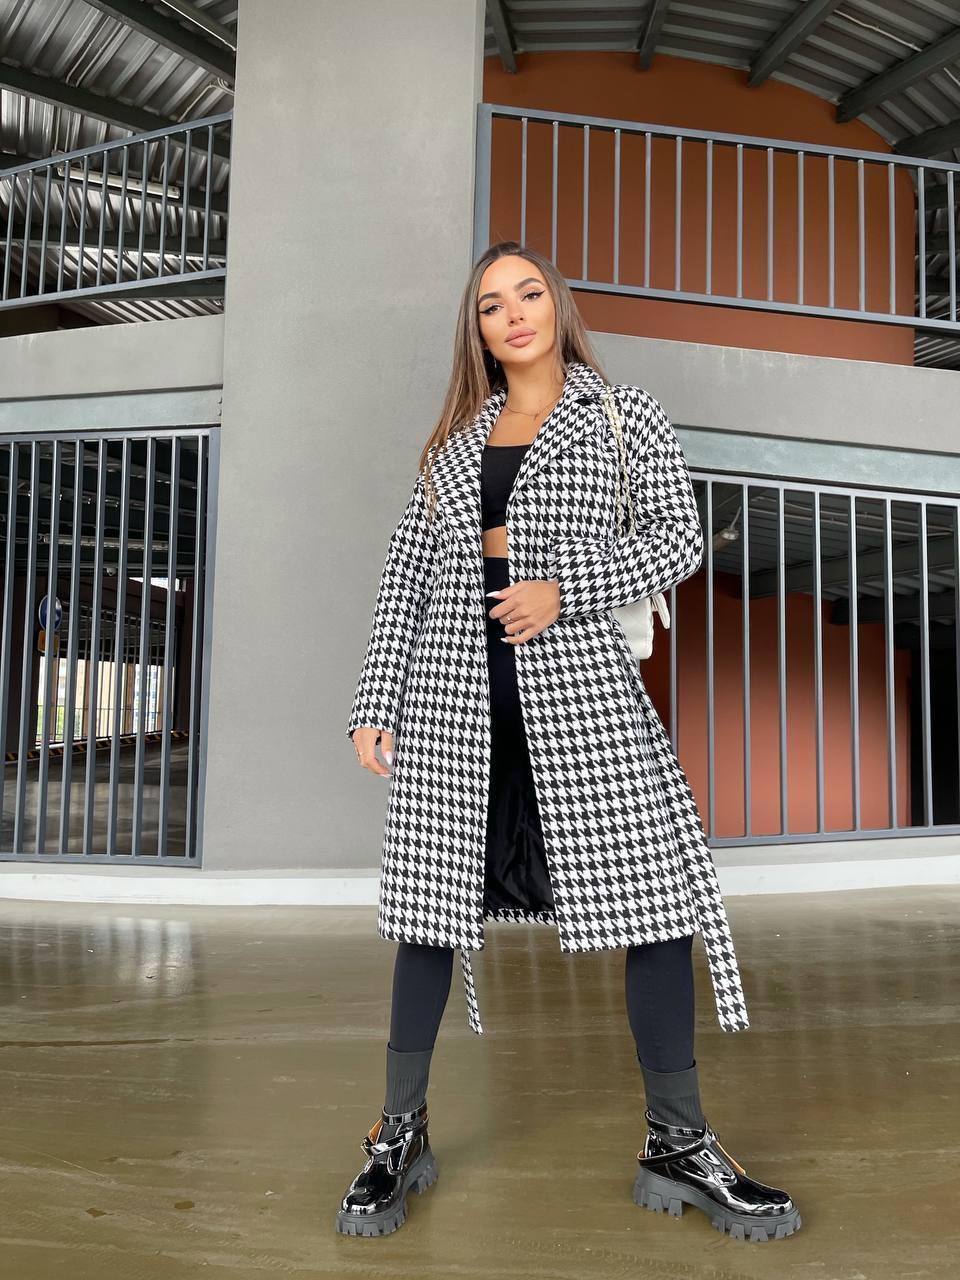 """Стильное длинное пальто в клетку на осень """"Olа"""", модное молодежное пальто с поясом модных расцветок"""